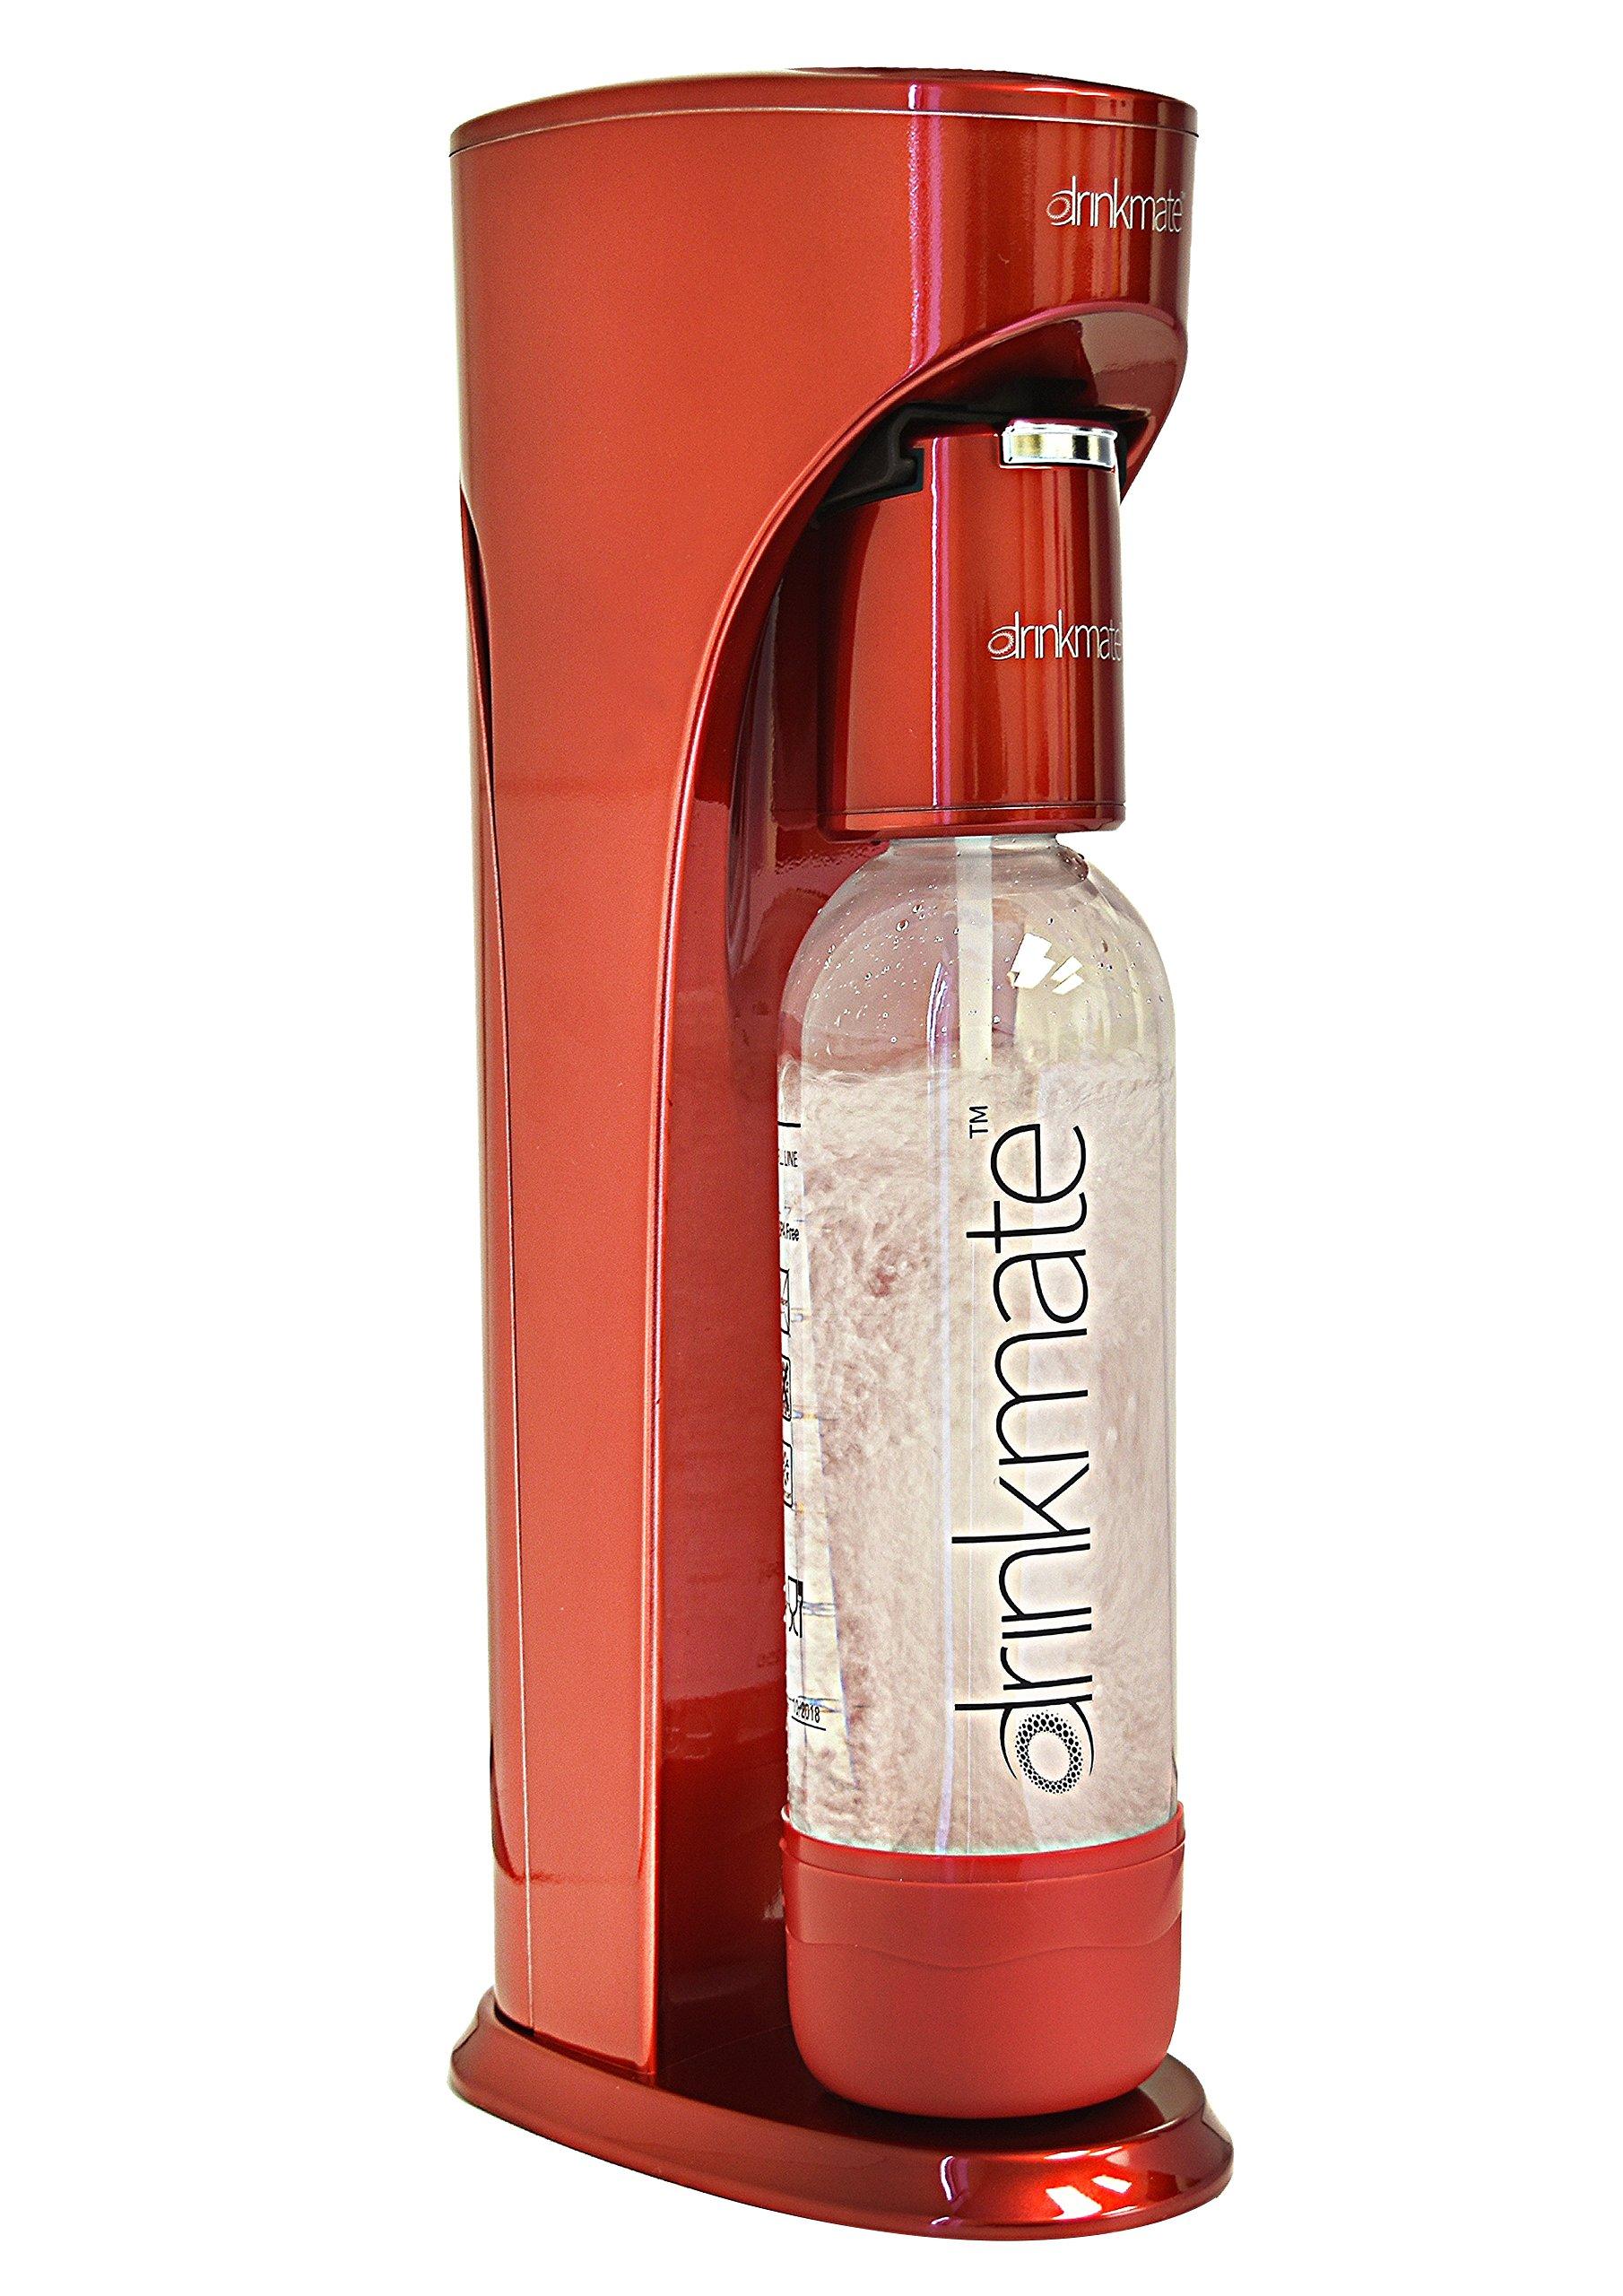 Drinkmate Beverage Carbonation Maker with 3 oz Cylinder, Red